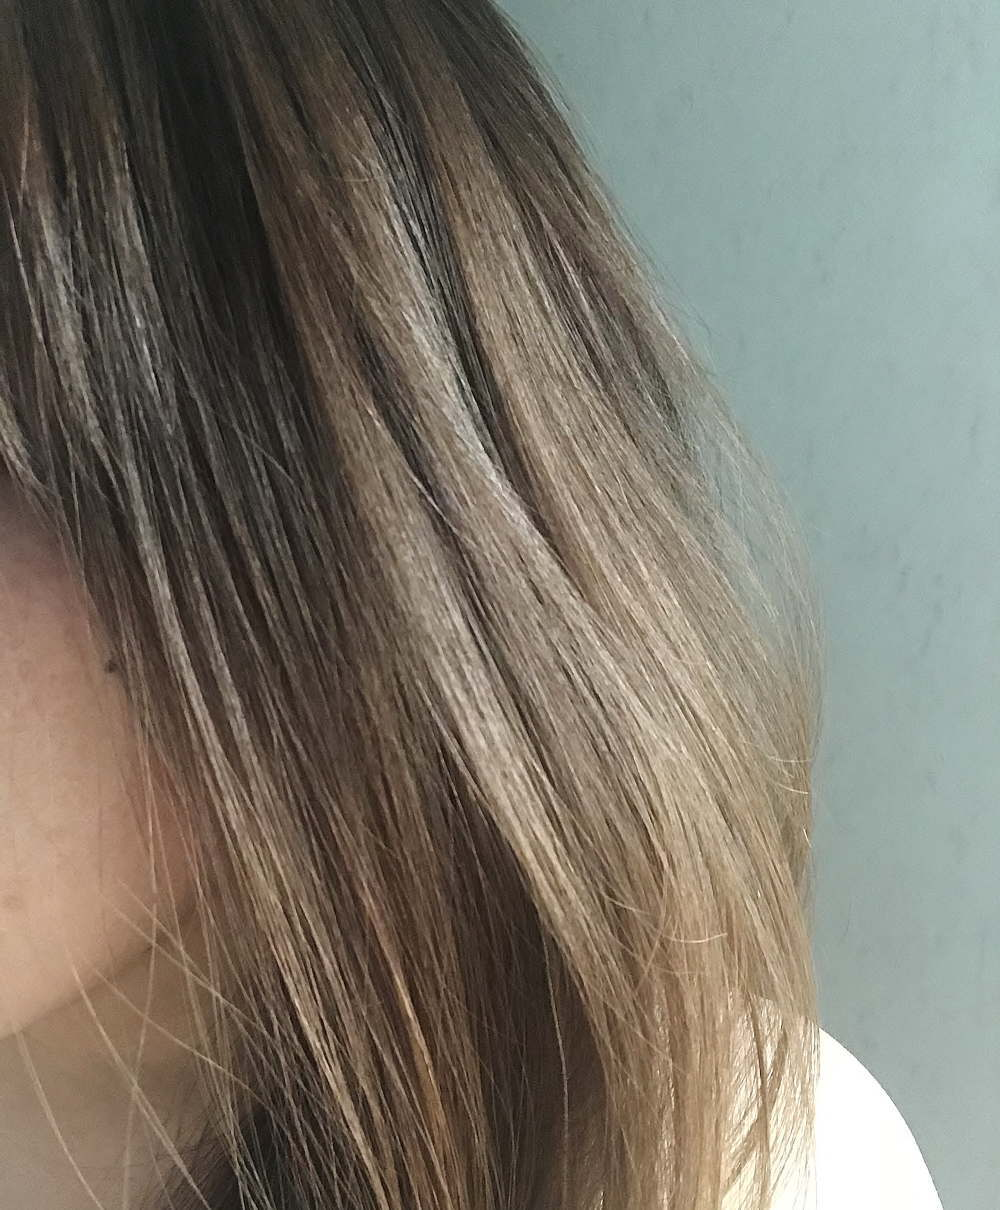 グレースシードステラ スパークリングシャンプー 髪の仕上がりと質感